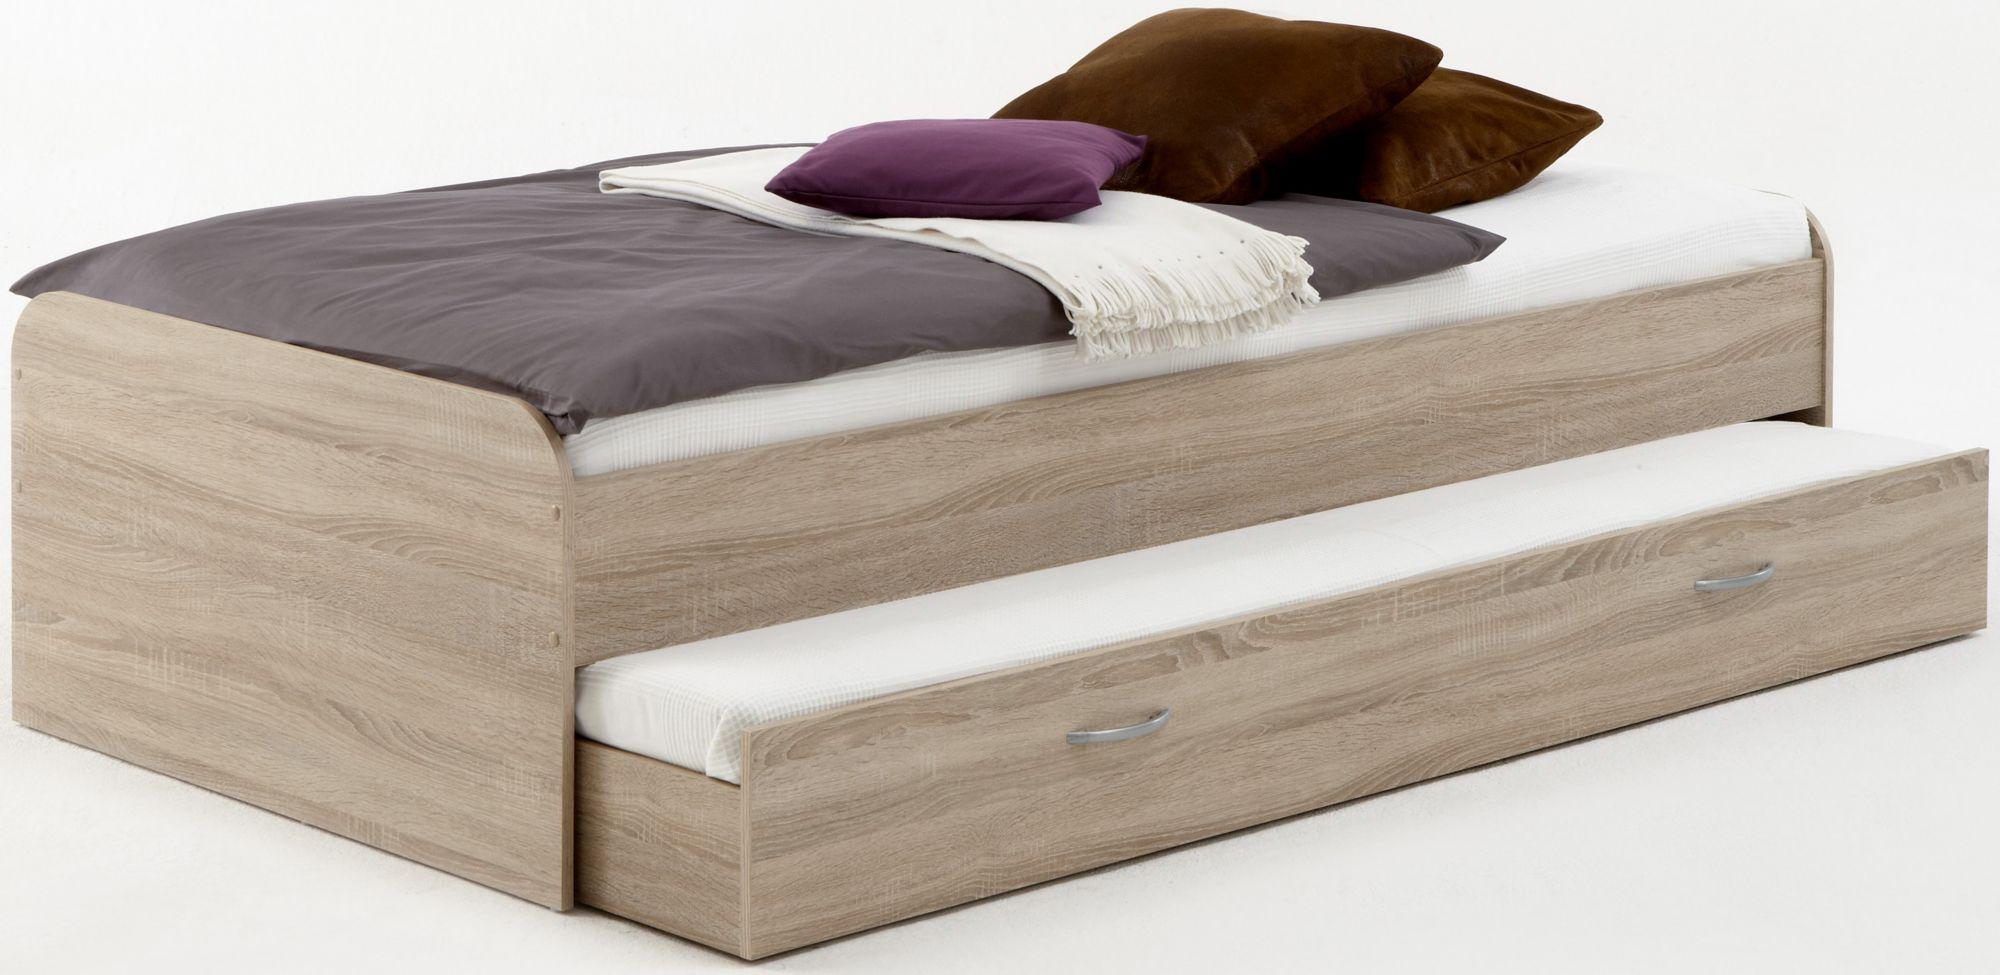 polsterbett 140x200 g nstig online kaufen beim schwab versand. Black Bedroom Furniture Sets. Home Design Ideas